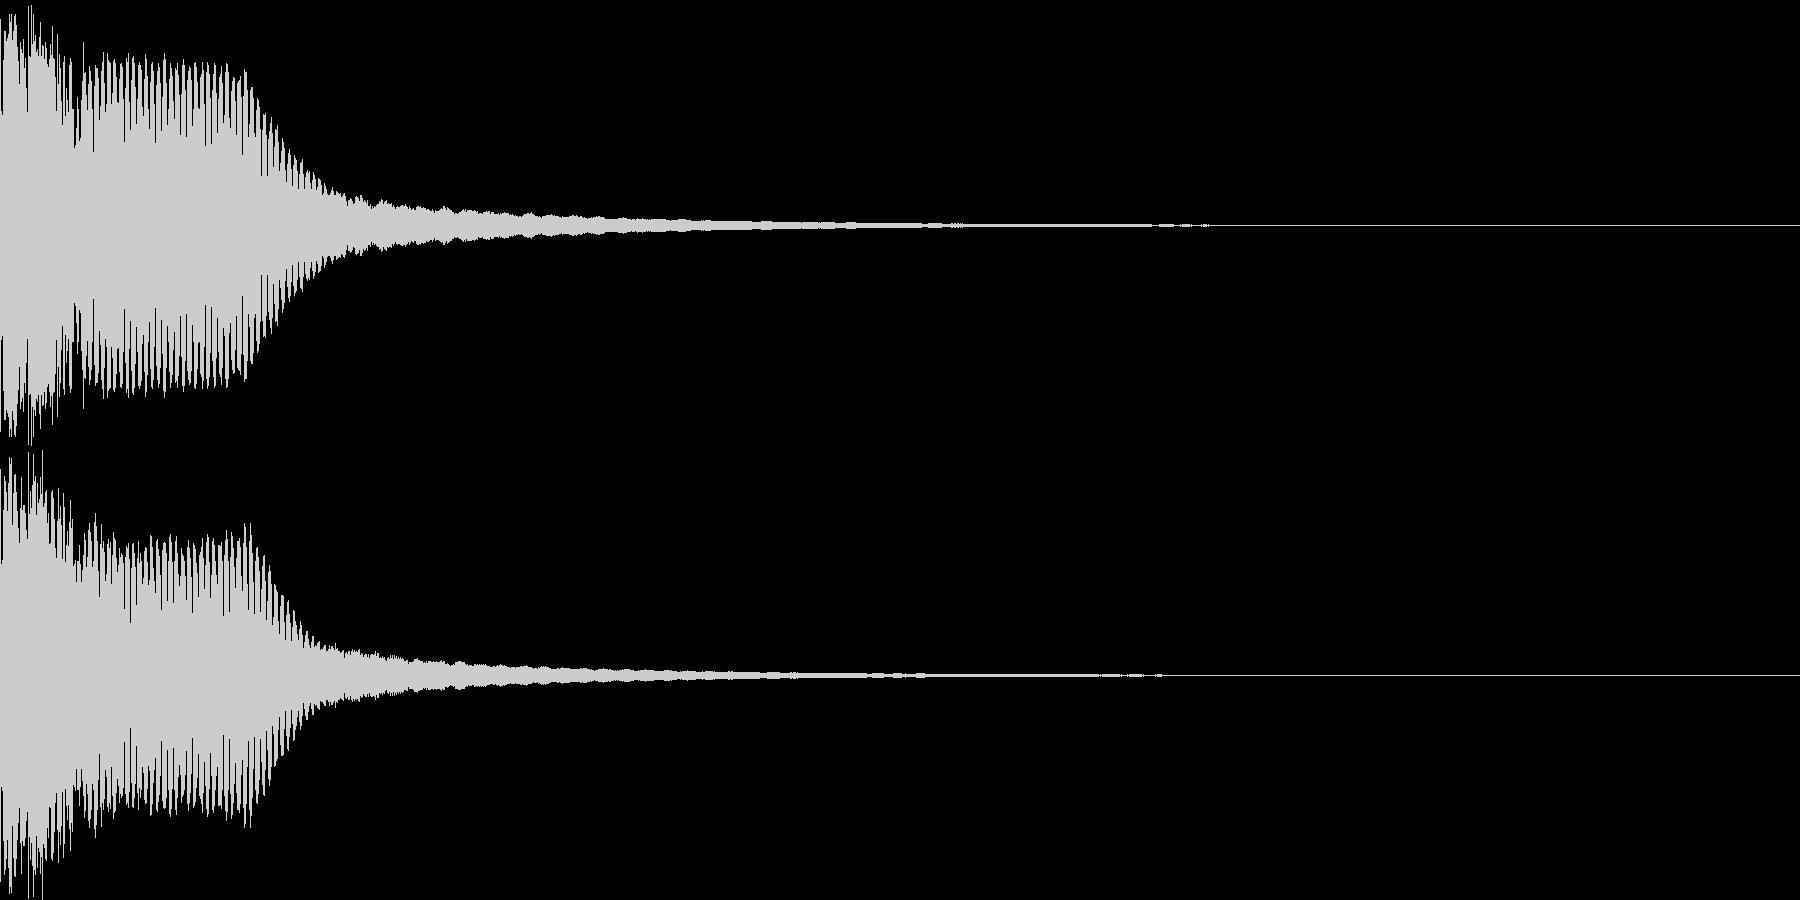 キュイン ボタン ピキーン キーン 29の未再生の波形